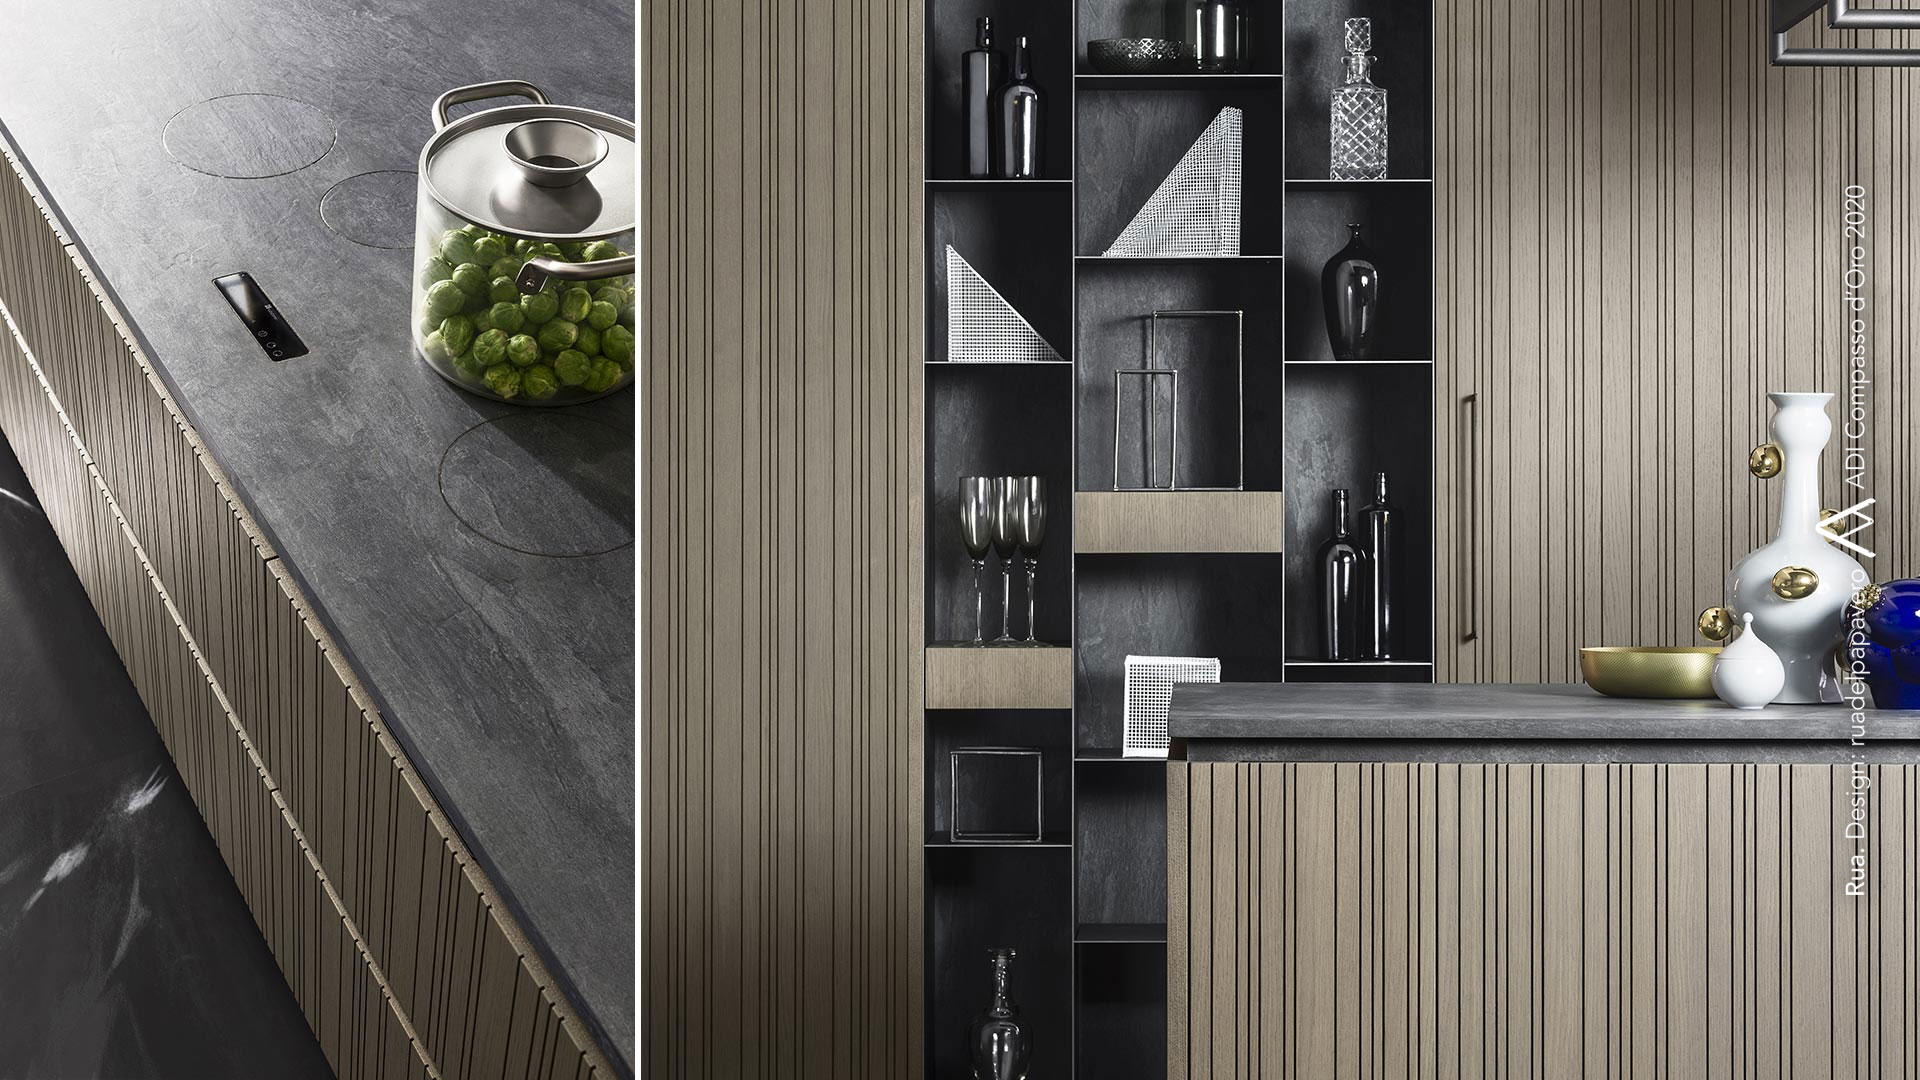 Cucina con isola e cucina il legno collezione RUA - collezione_rua-002